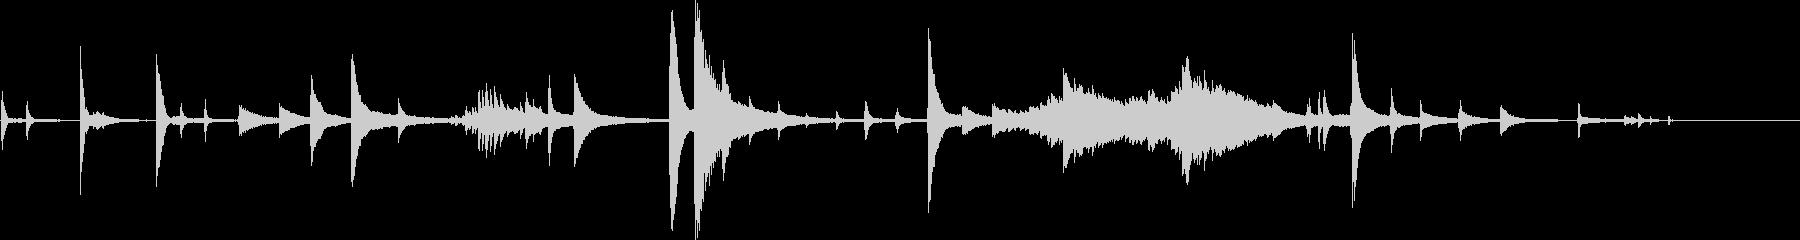 【生演奏】不協和音の不吉なピアノ演奏の未再生の波形